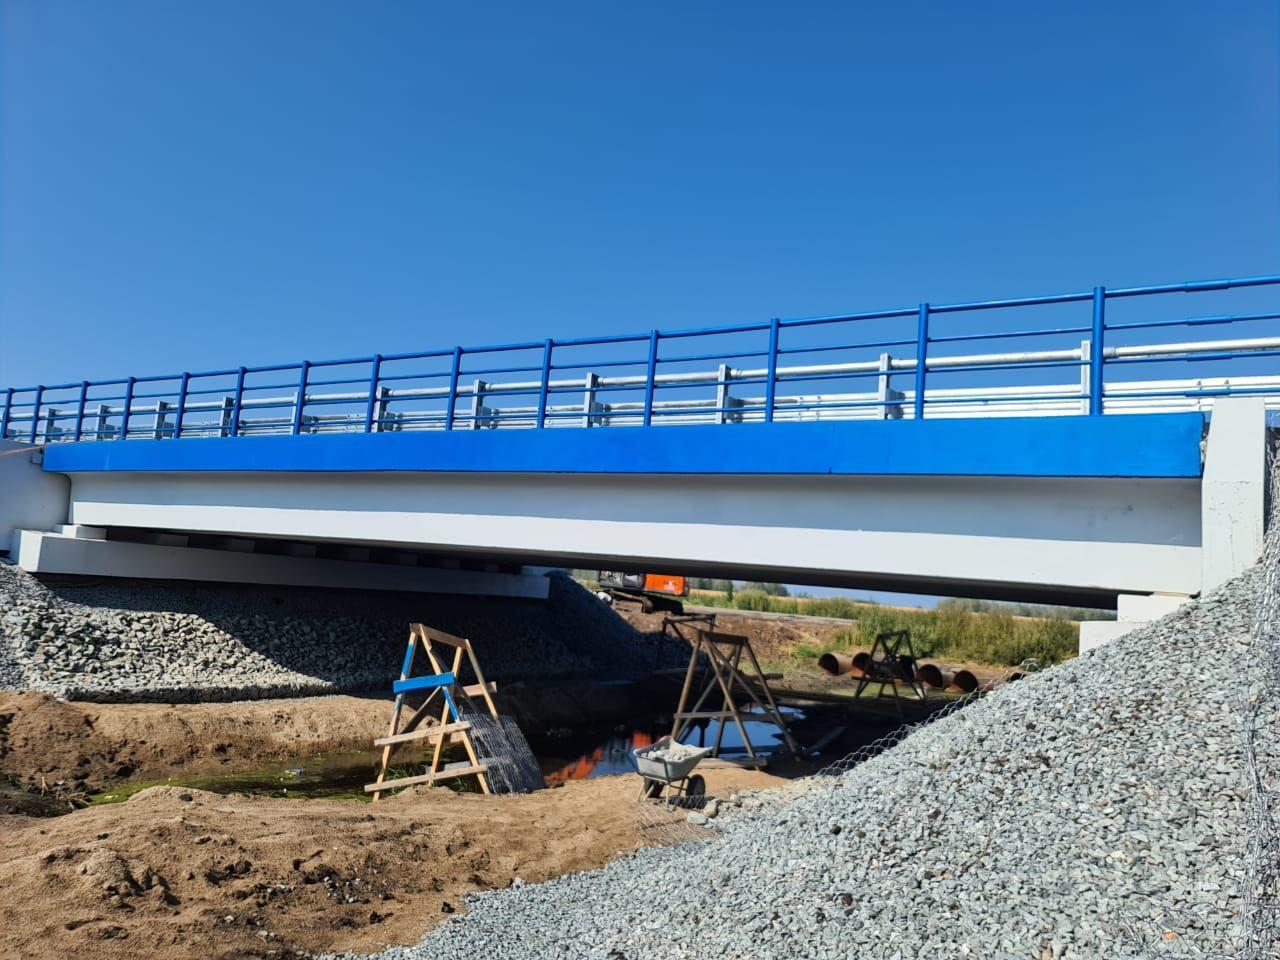 Под Омском построили мост через реку-«призрак» #Новости #Общество #Омск